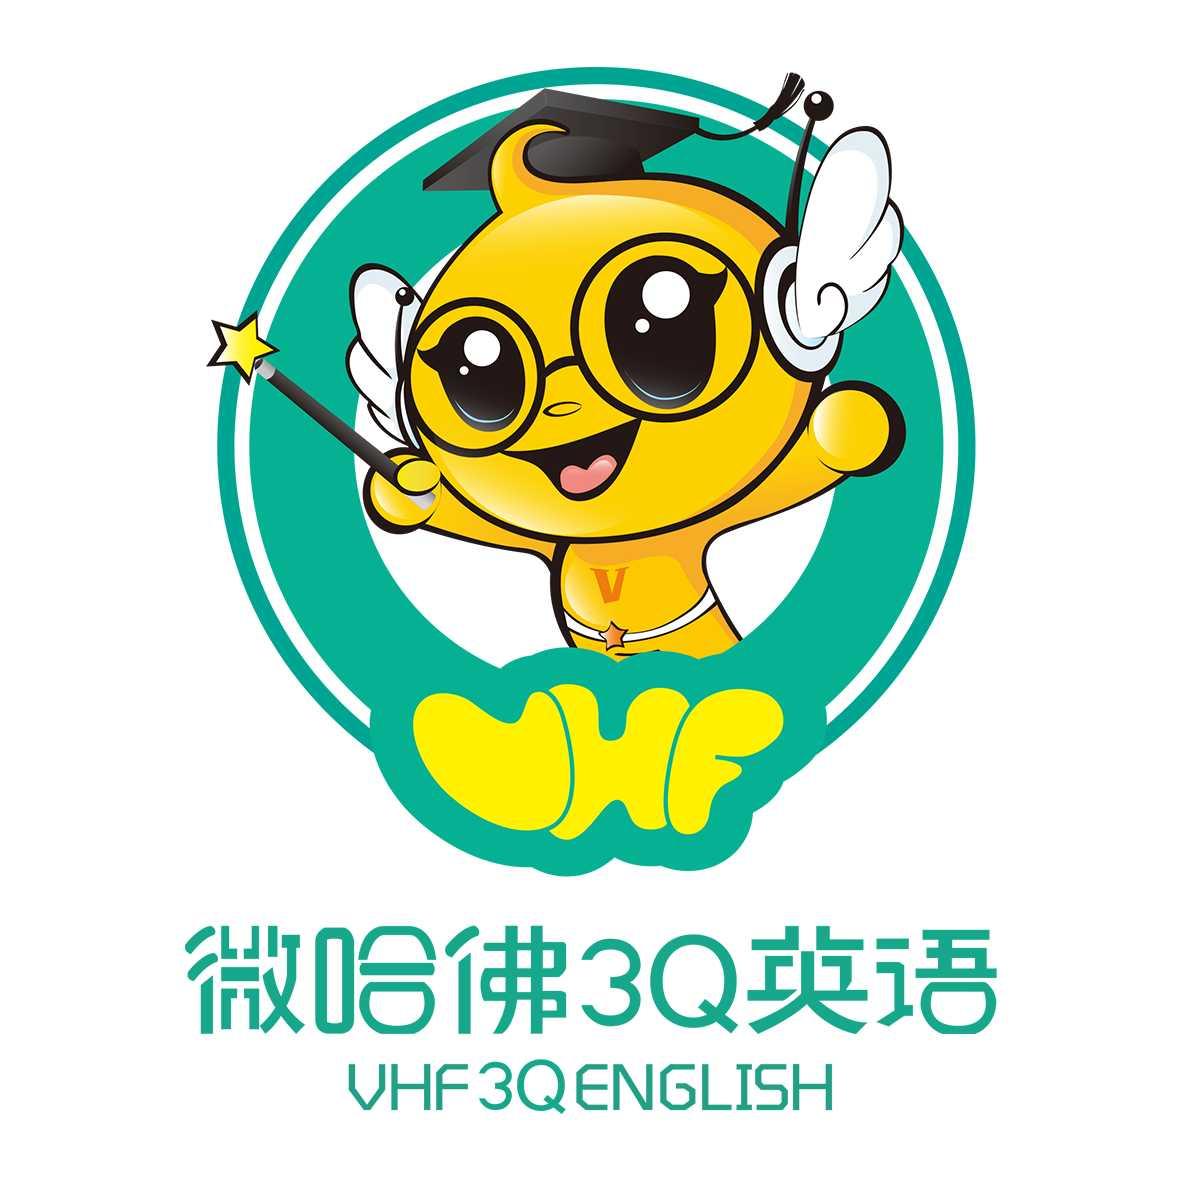 微哈佛3Q英语logo